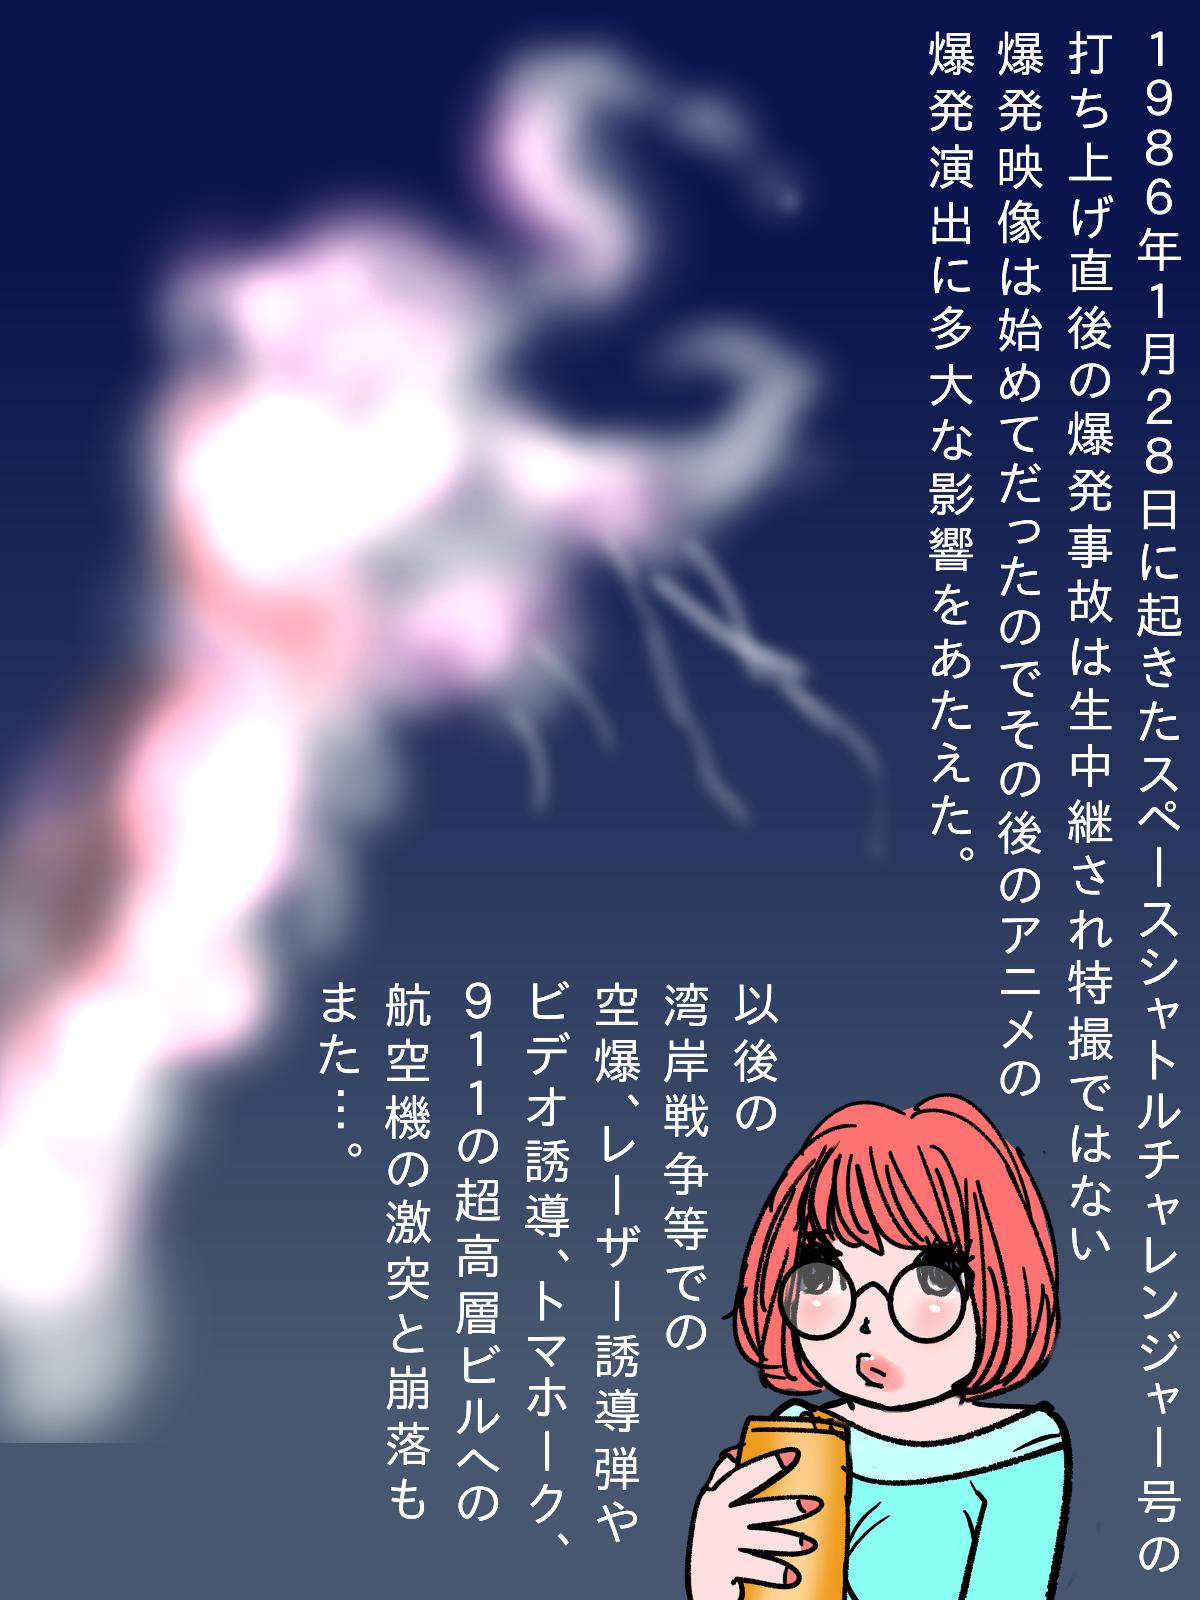 事故 爆発 チャレンジャー 号